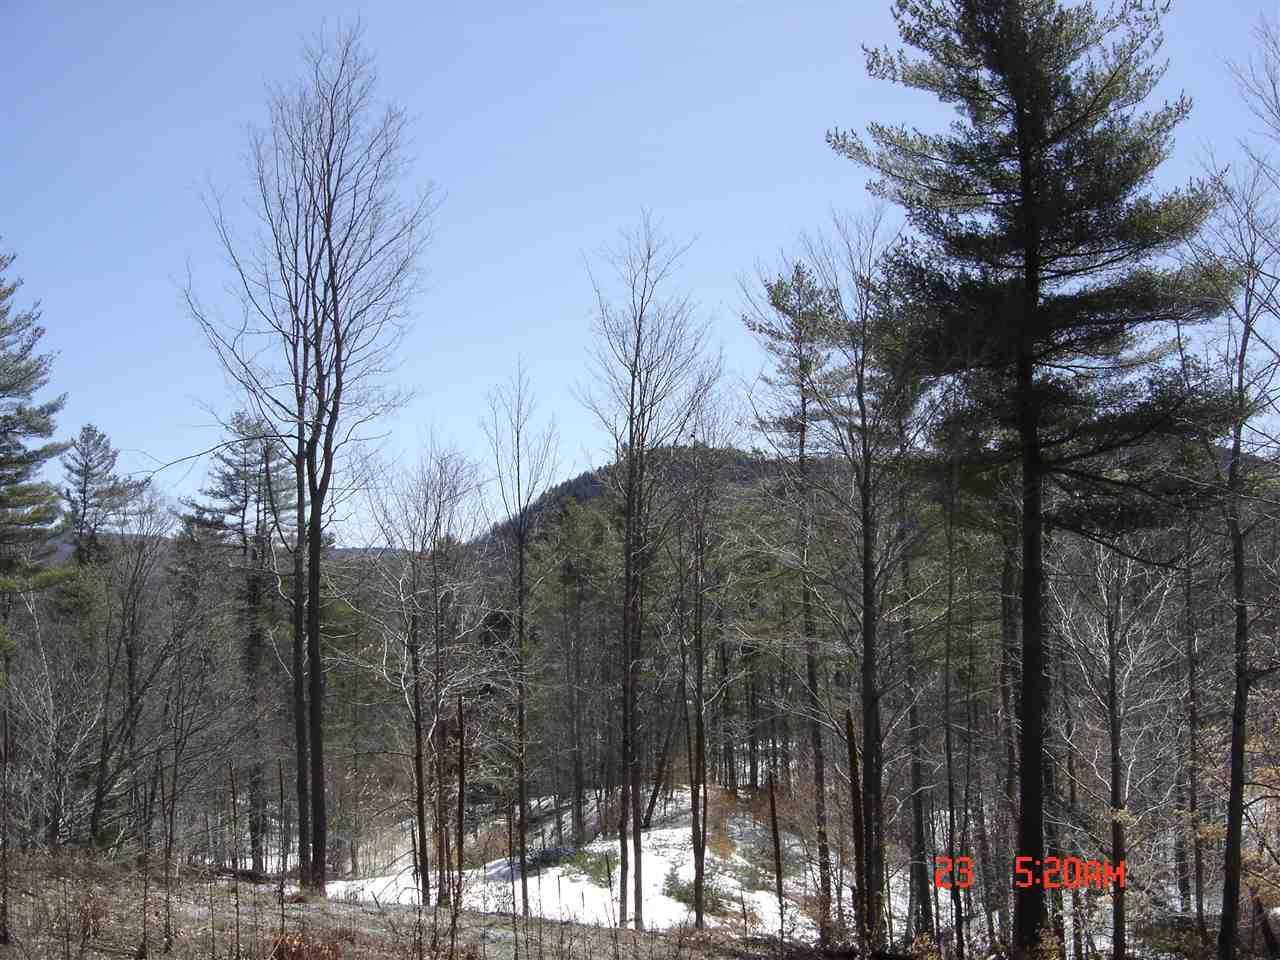 Lot #5 Pine View, Cavendish, VT 05142